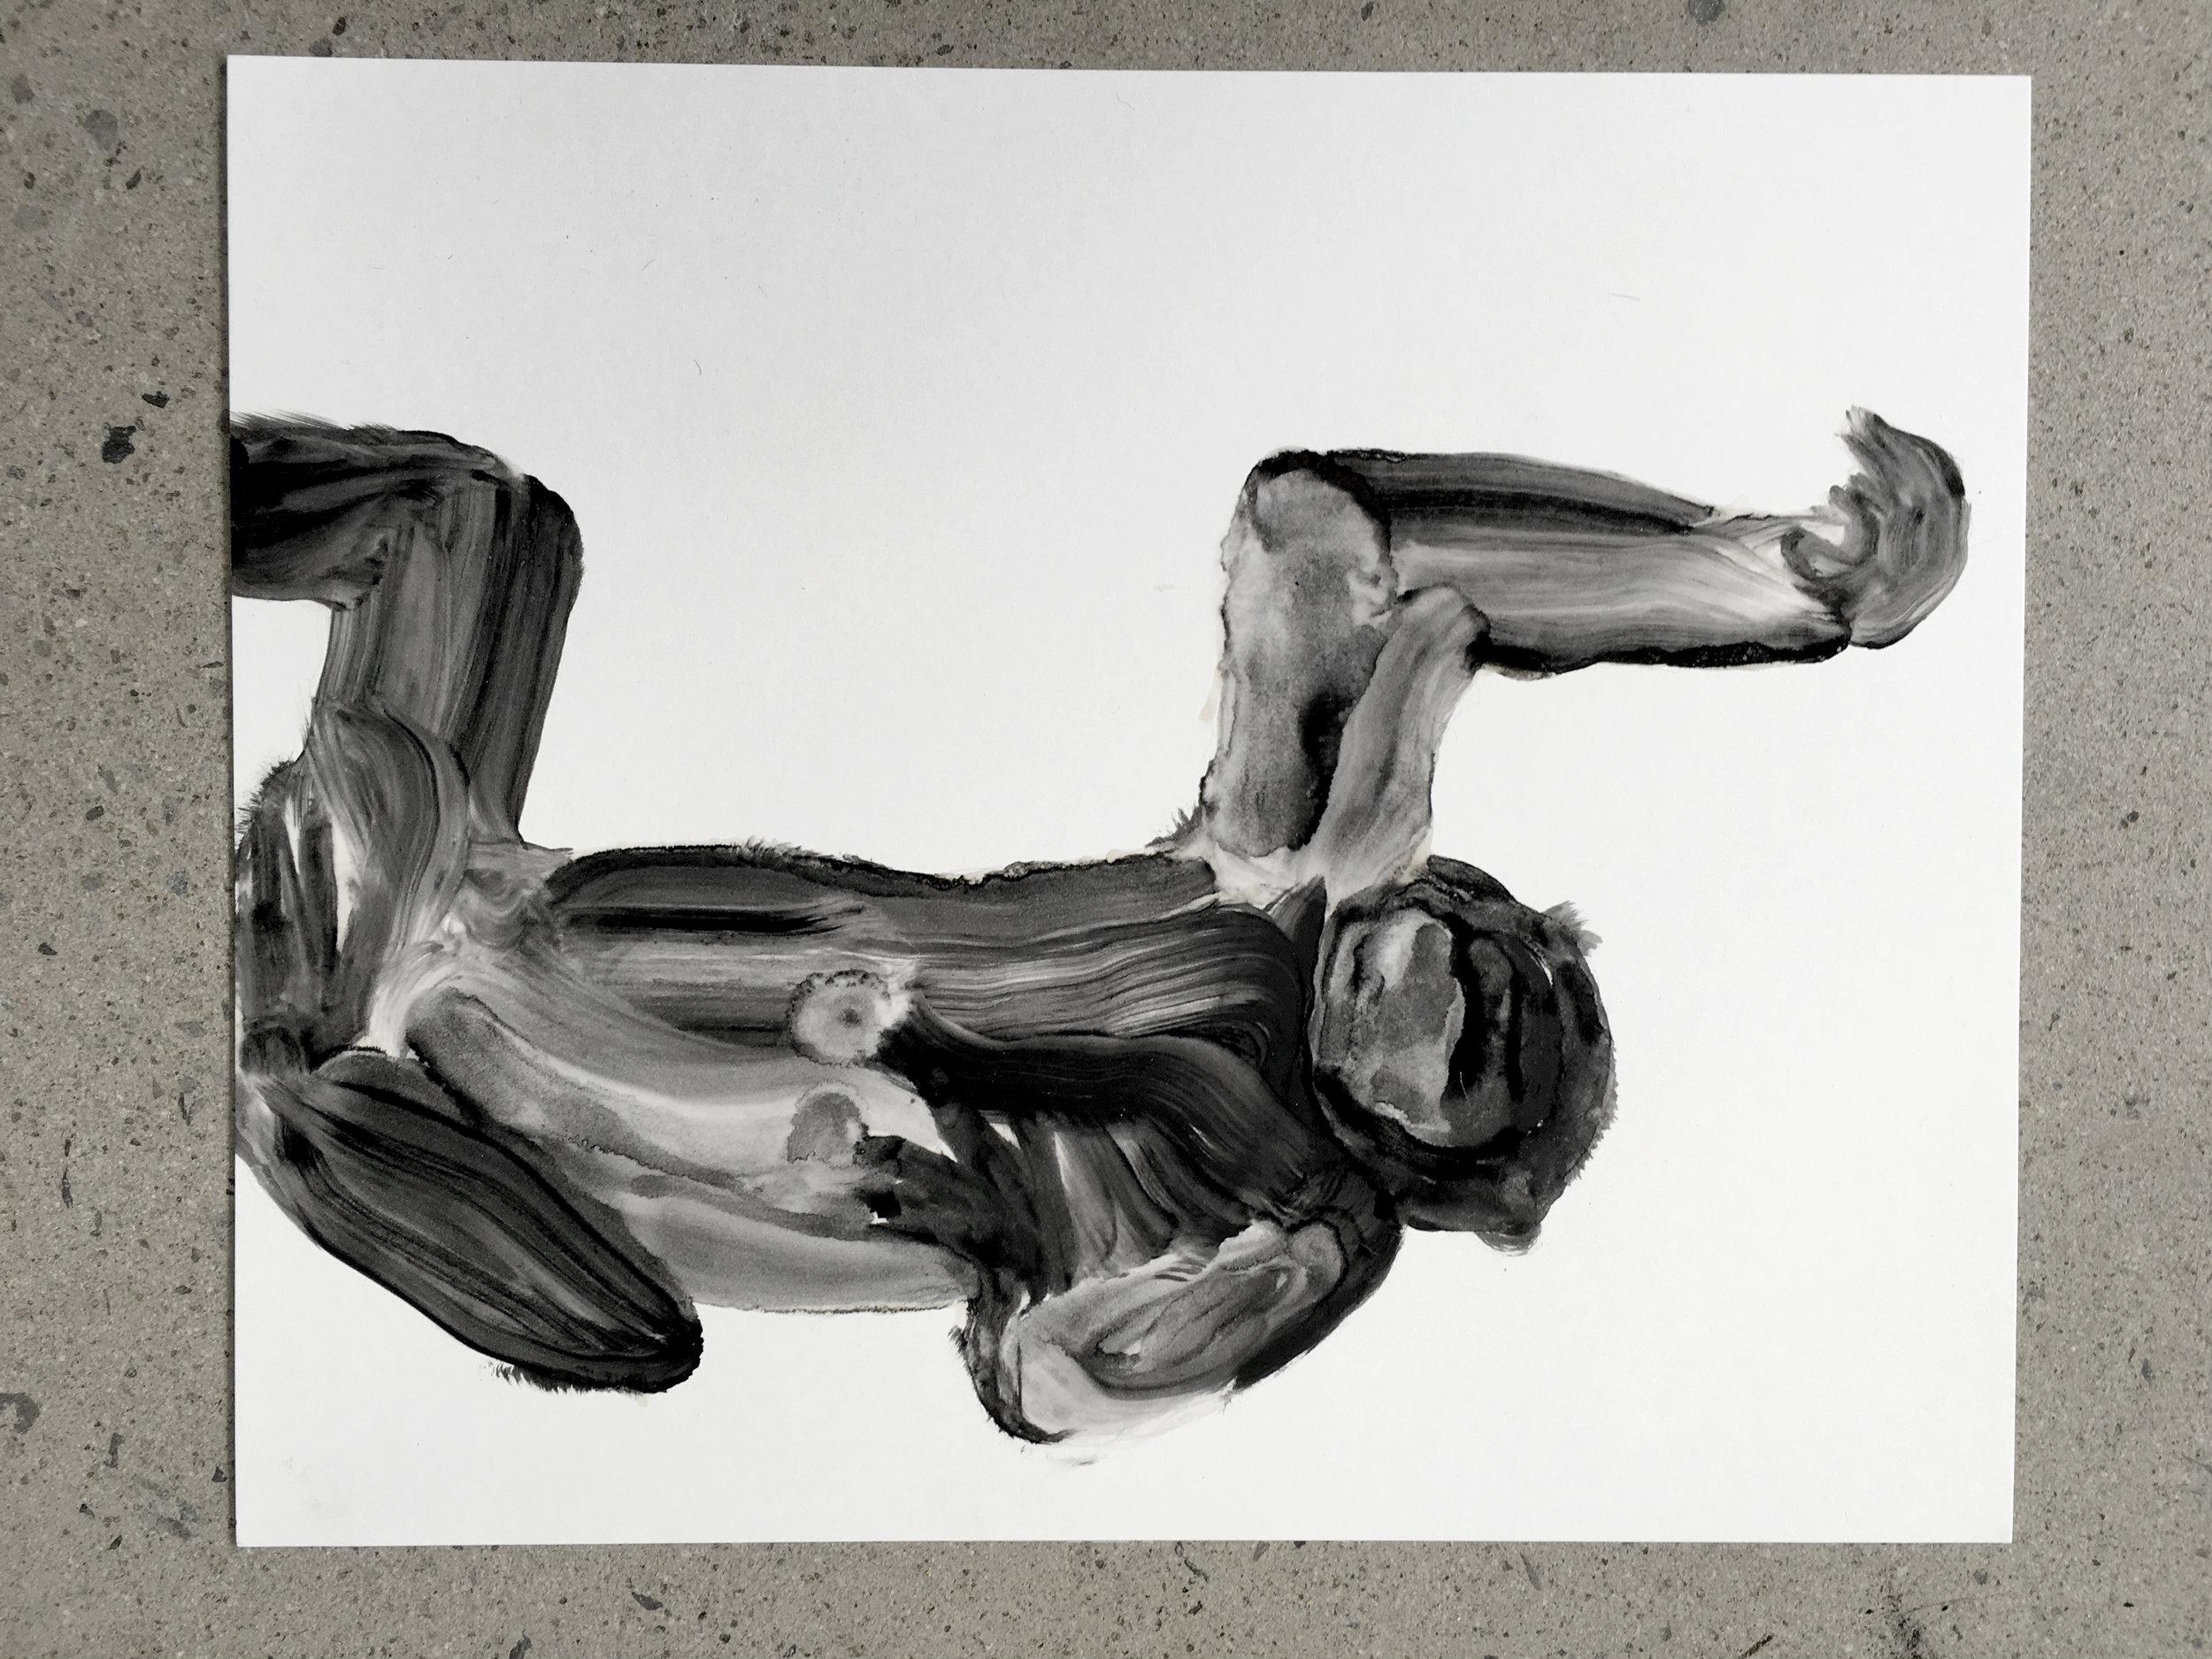 Étude à l'huile sur papier, macaque